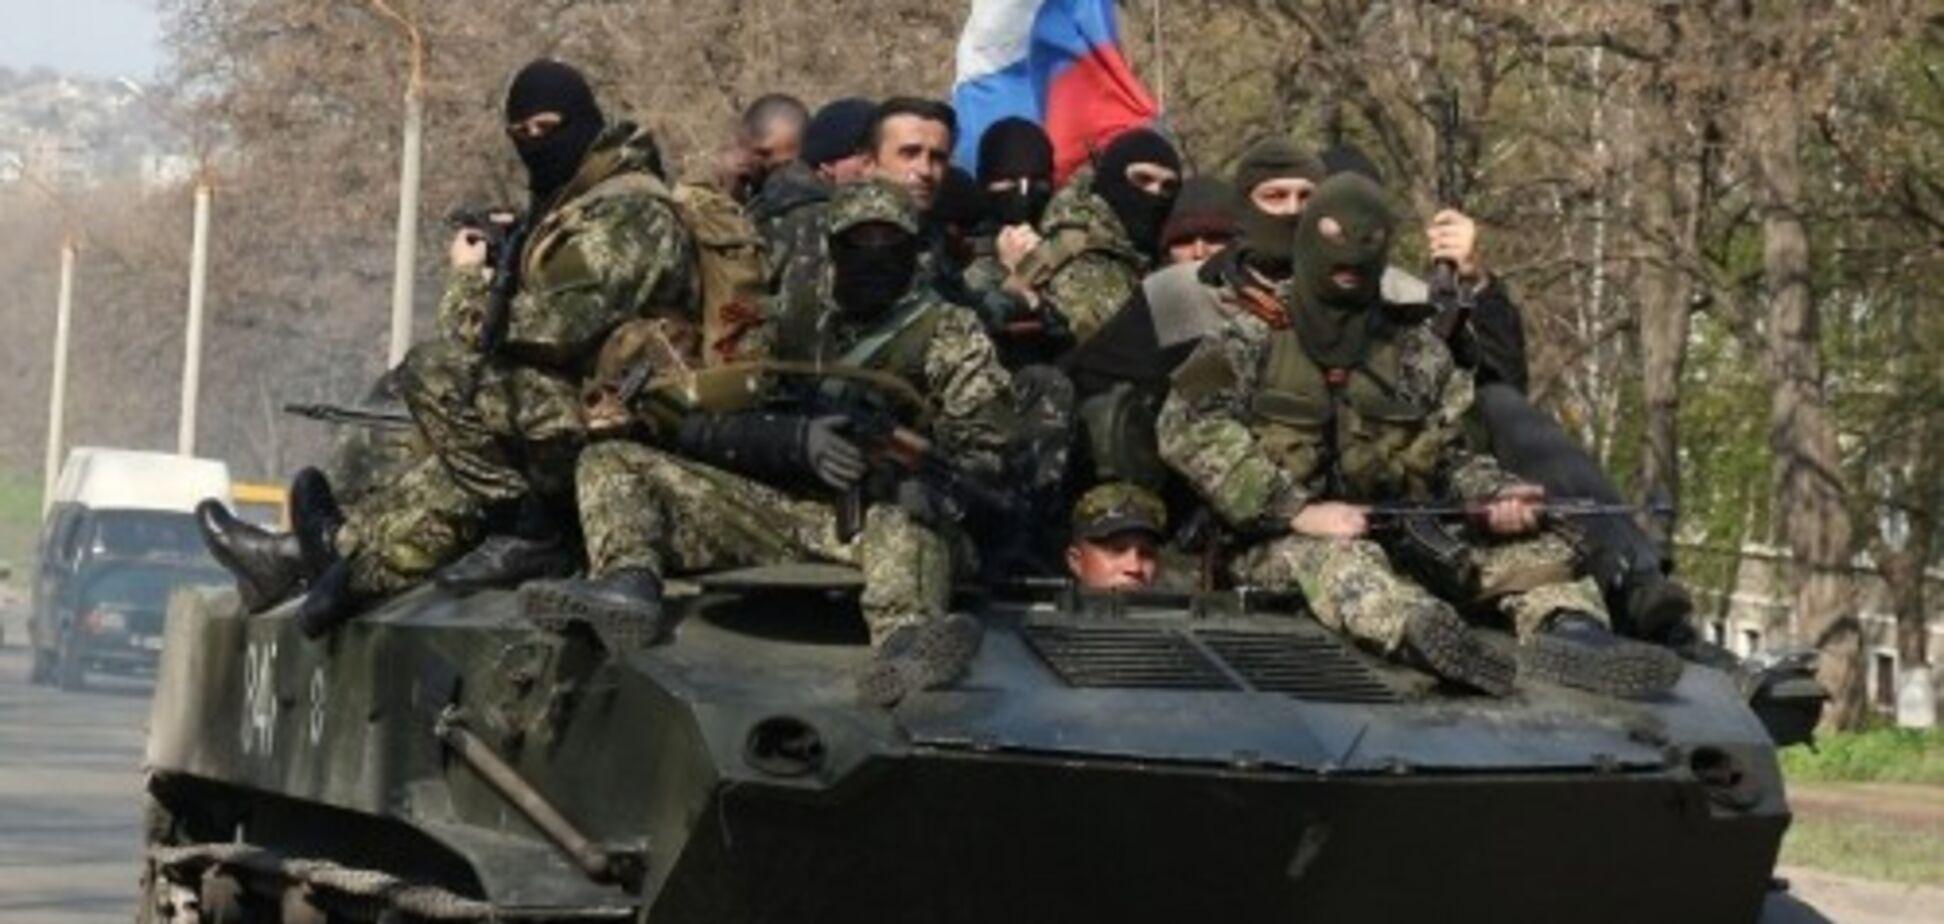 'ДНР' ввели боевые машины в Донецк: в сеть попало первое фото